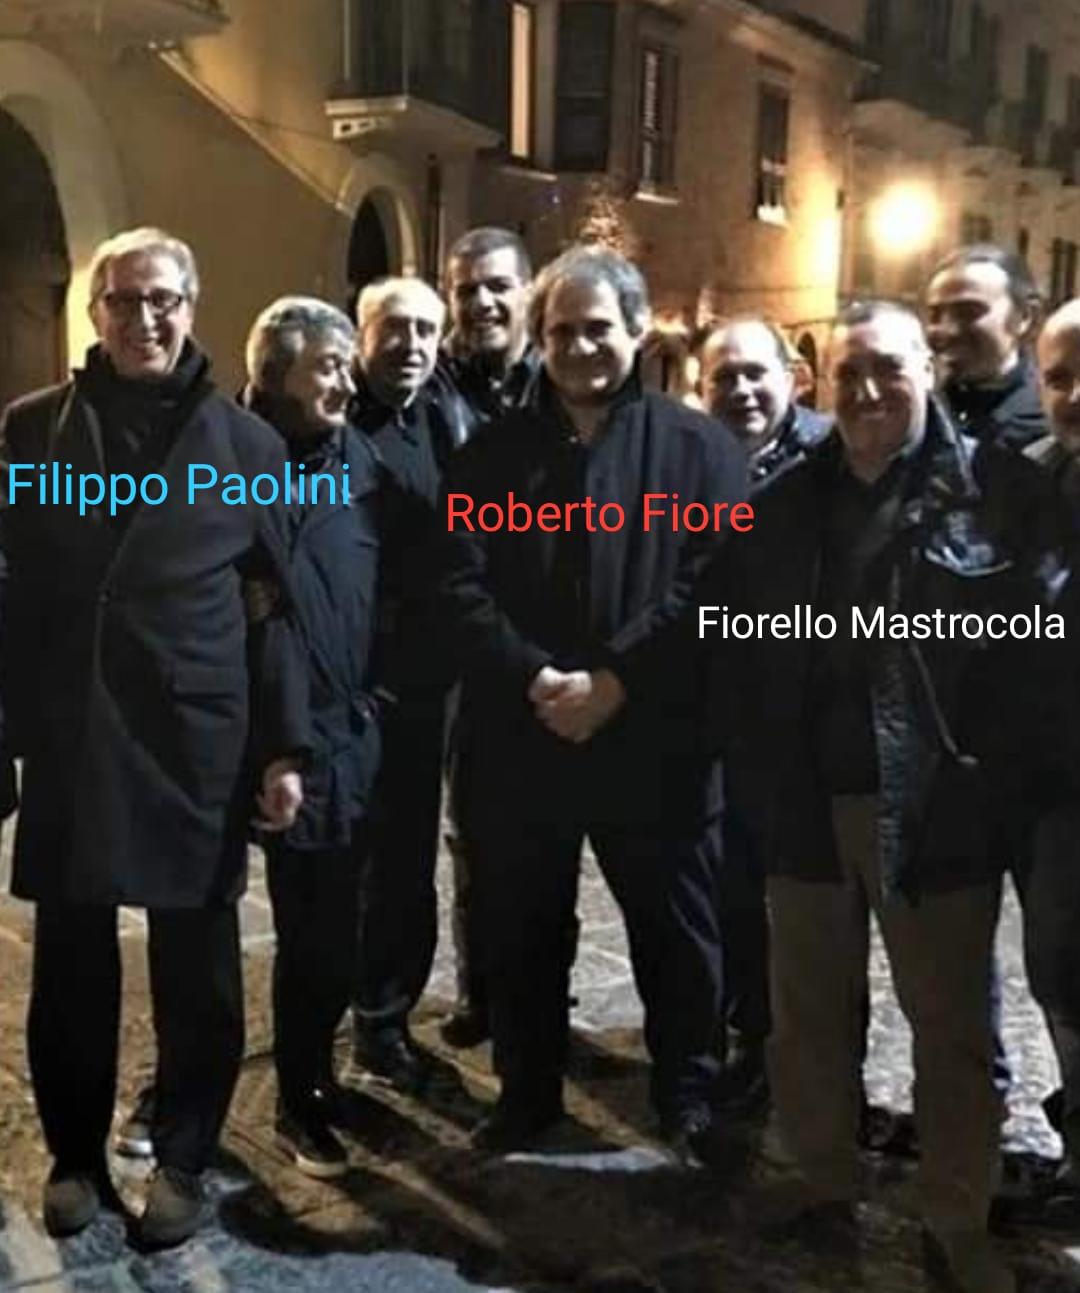 """Fina: """"Forza Nuova incita alla violenza contro Marongiu a Lanciano, Paolini chiarisca i suoi rapporti con i movimenti neofascisti"""""""